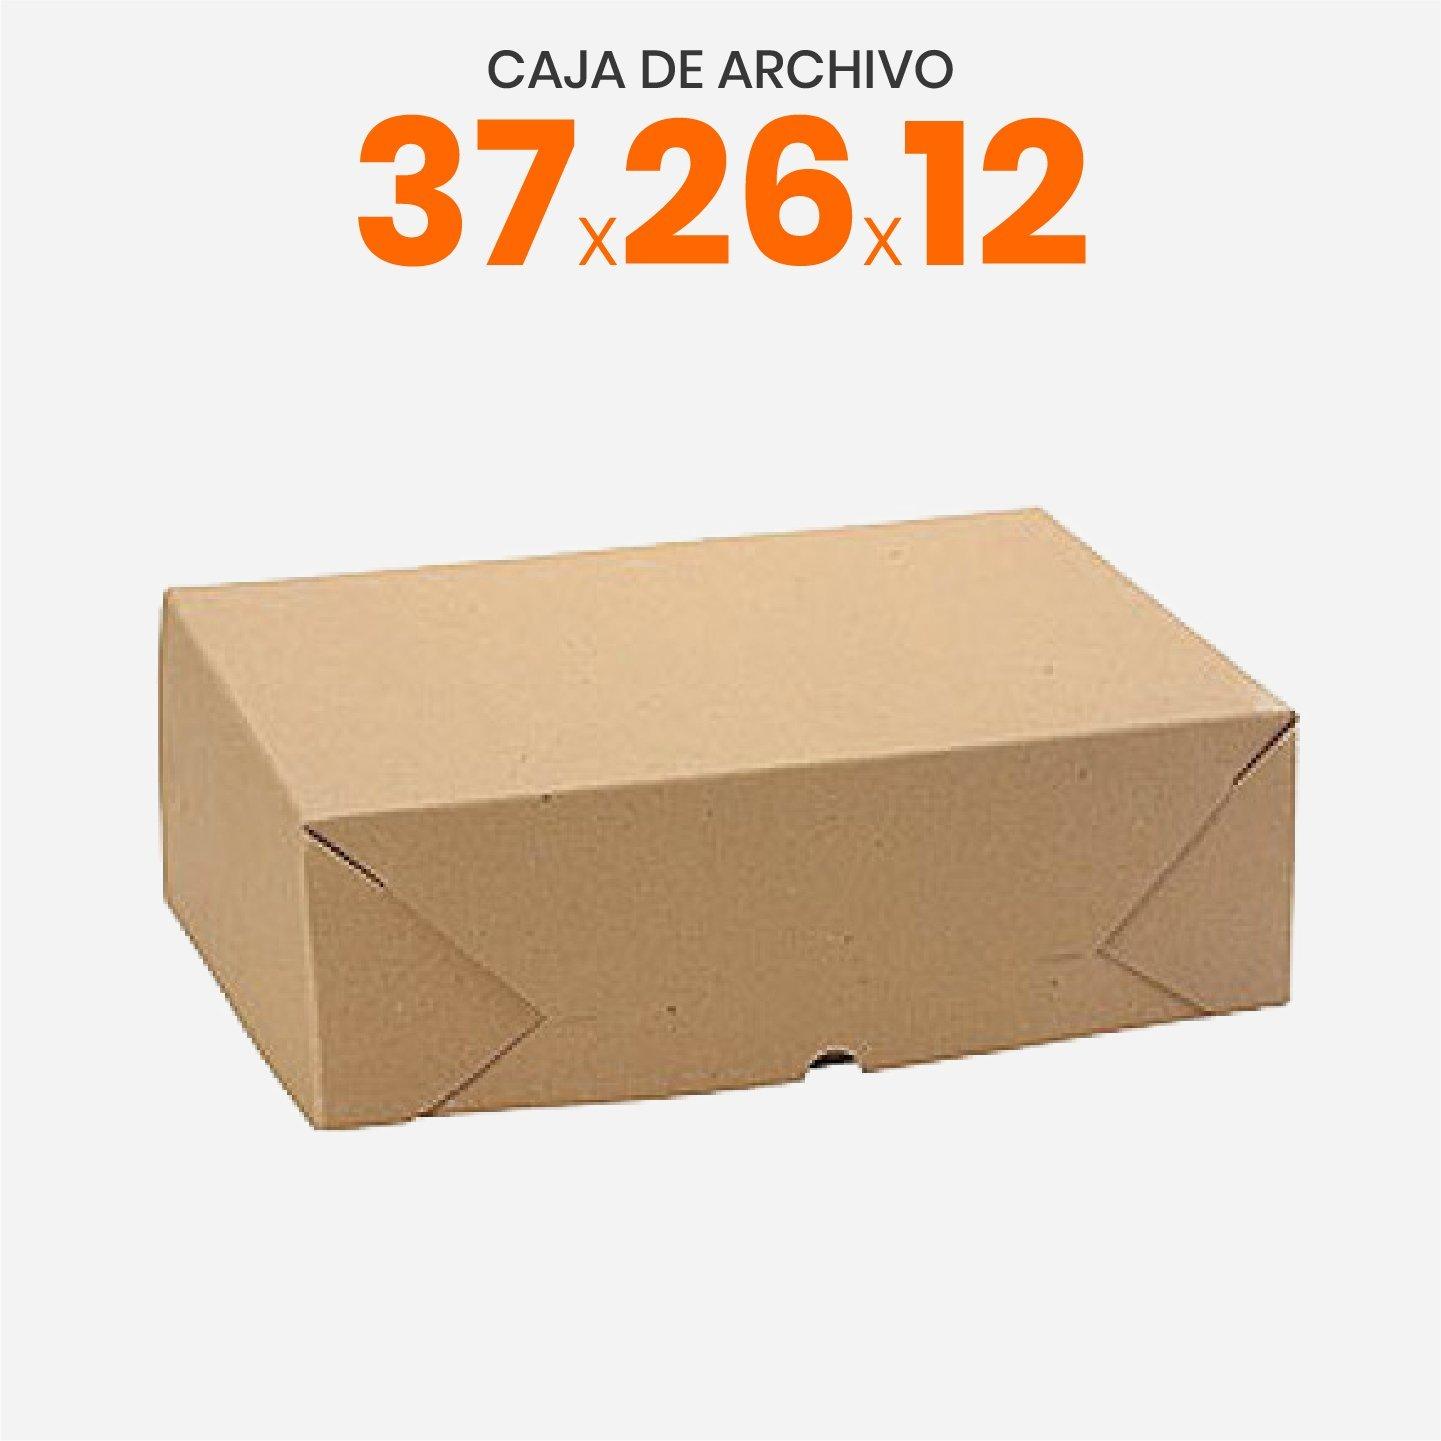 Cajas de archivo con tapa volcada oficio 37x26x12